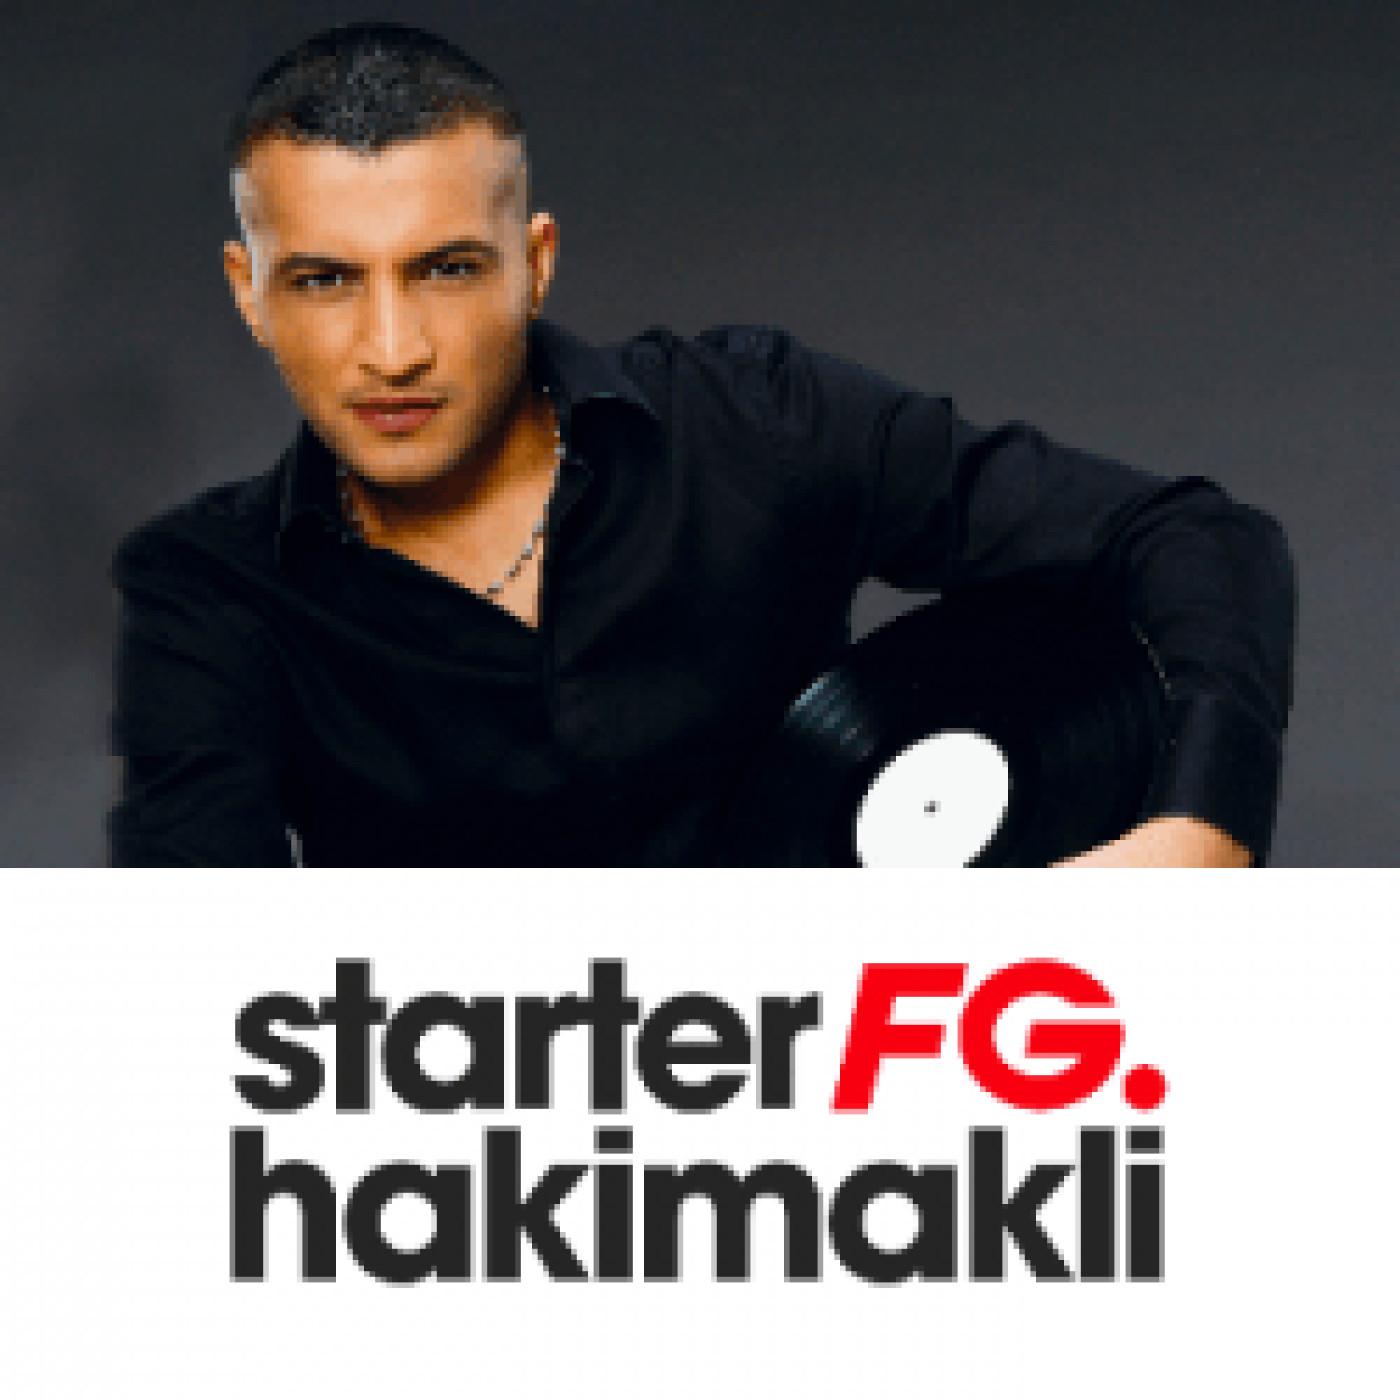 STARTER FG BY HAKIMAKLI LUNDI 26 OCTOBRE 2020